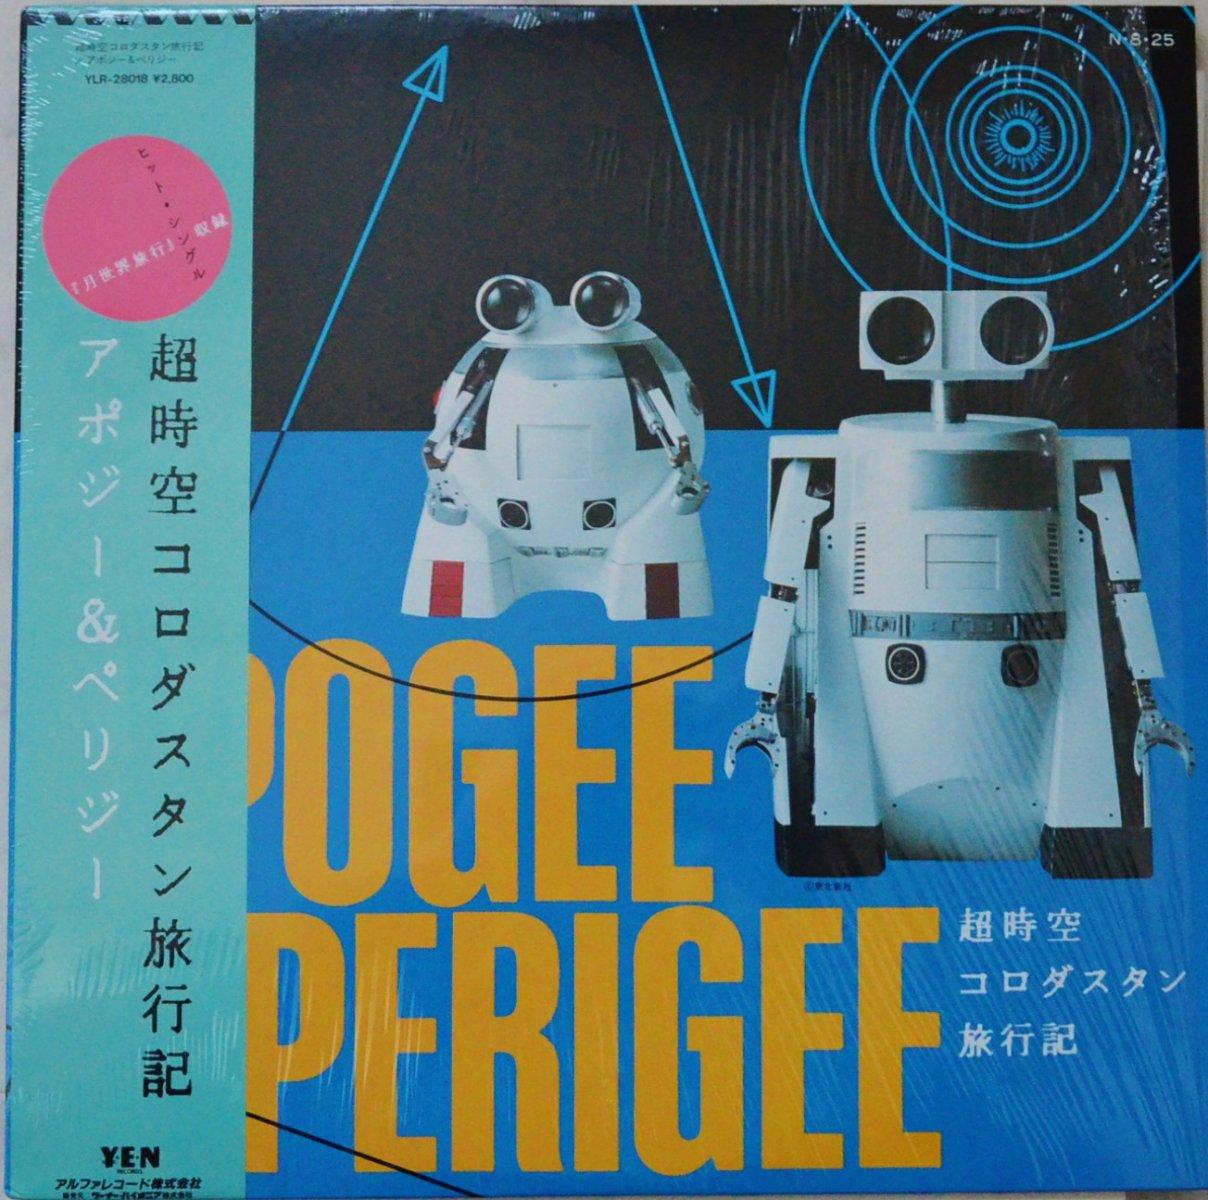 アポジー&ペリジー APOGEE & PERIGEE / 超時空コロダスタン旅行記 (LP)